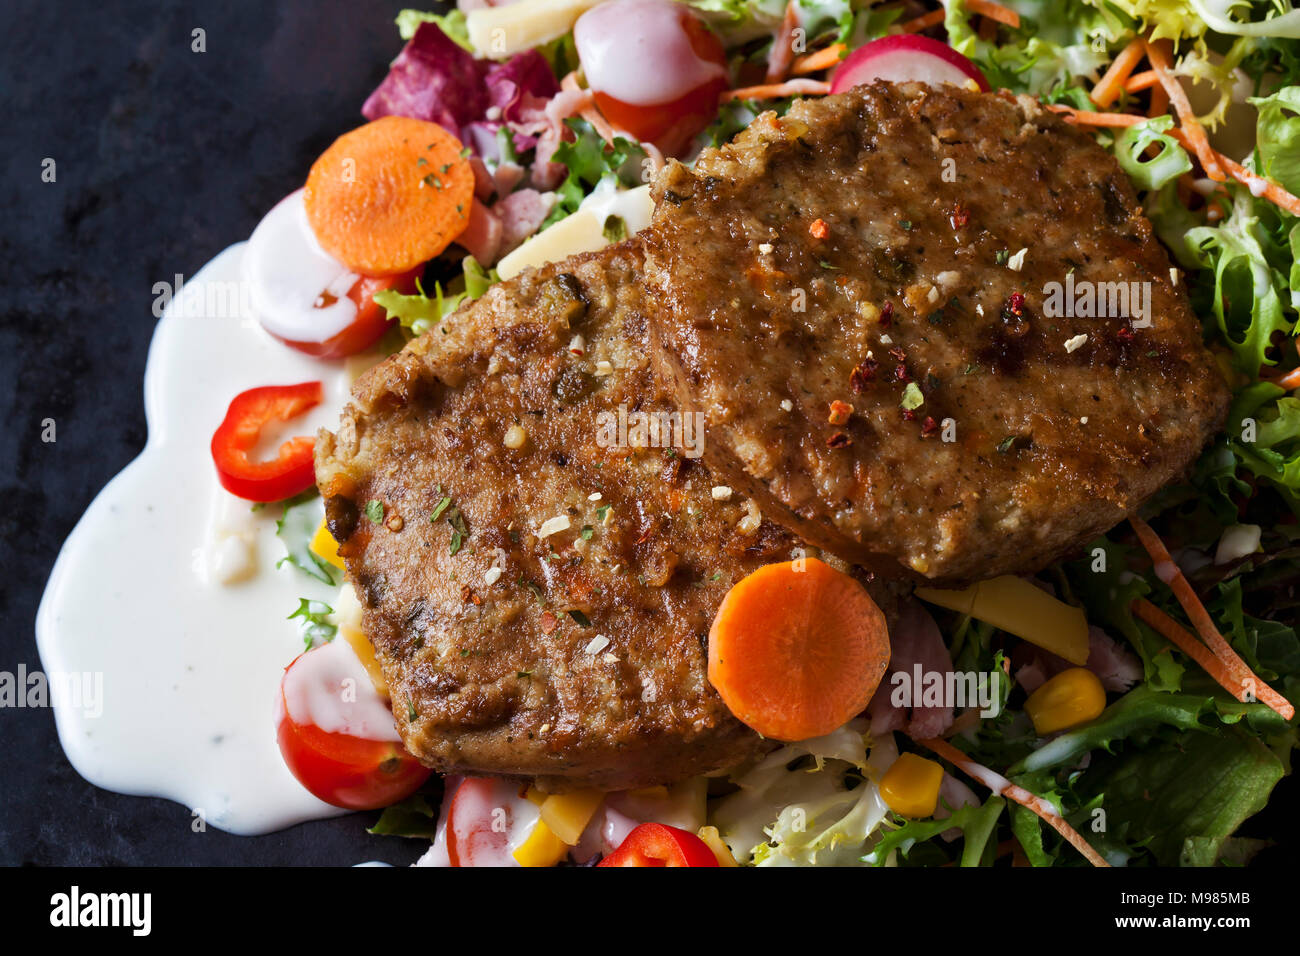 Burger végétarien avec de la laitue, les légumes et la sauce au yogourt Photo Stock